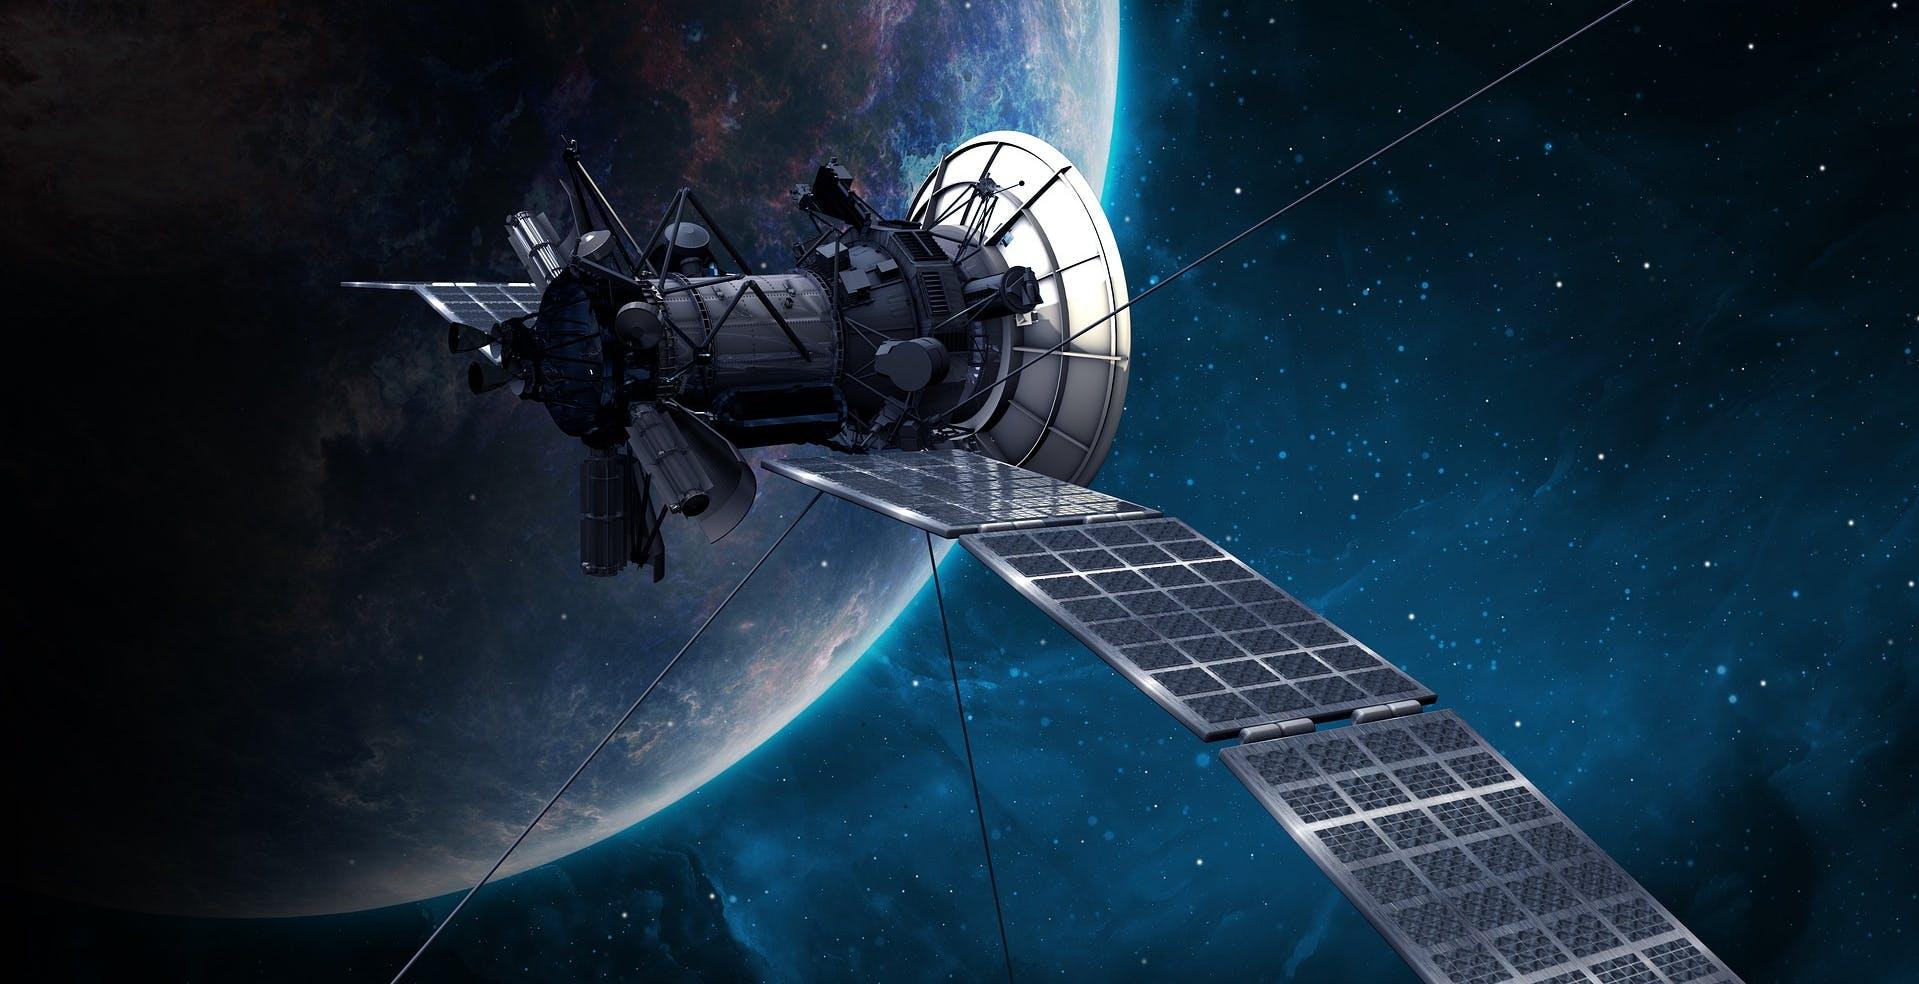 """La NASA frena sull'ennesima costellazione di satelliti per il 5G: """"Rischio di collisioni molto alto"""""""